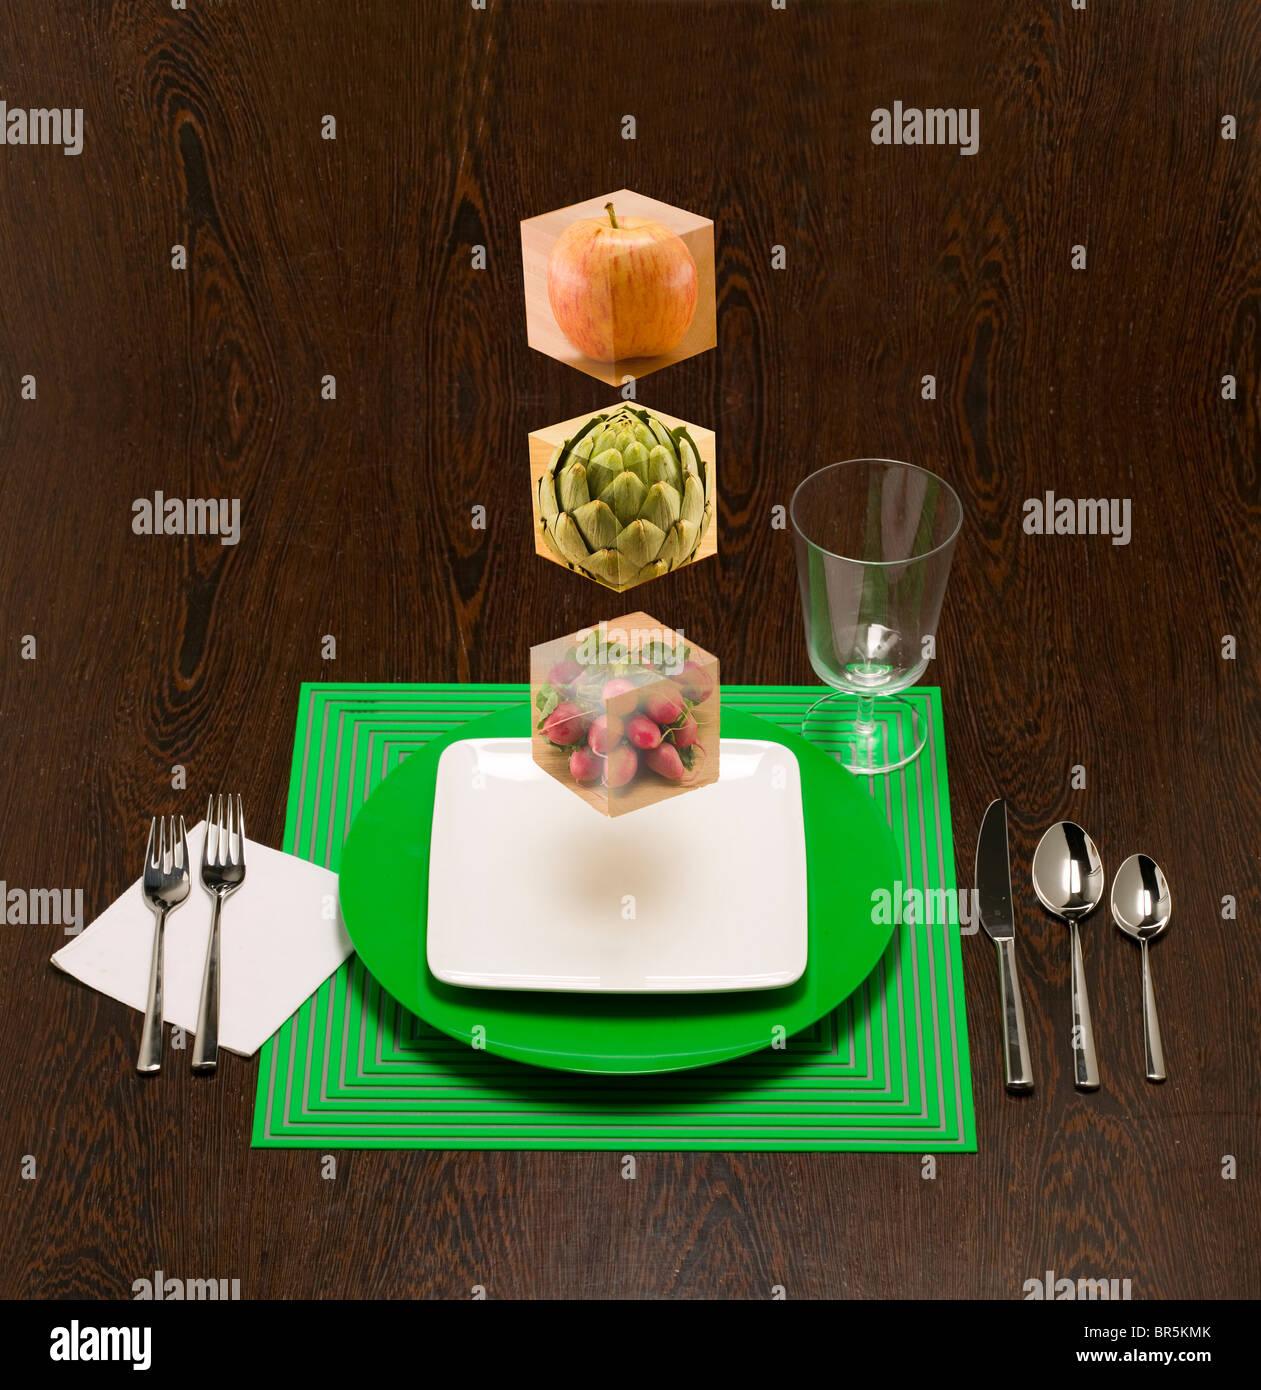 Cibo galleggiante blocchi per mostrare la costruzione di blocchi di vostra dieta. Immagini Stock